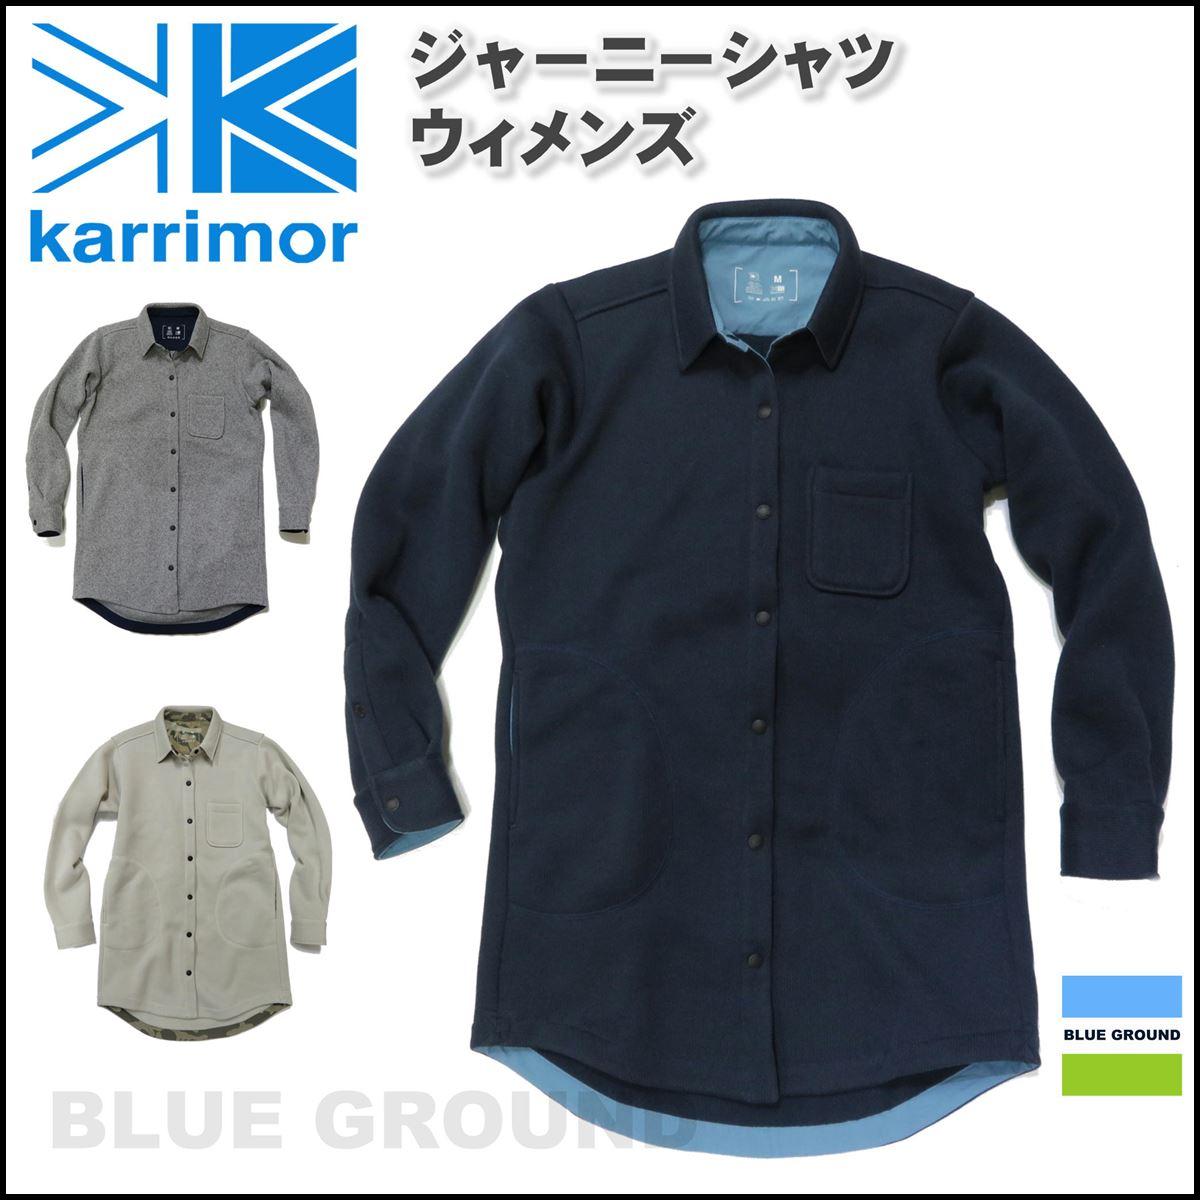 セール10%オフ Karrimor(カリマー)/ジャーニーシャツ レディース